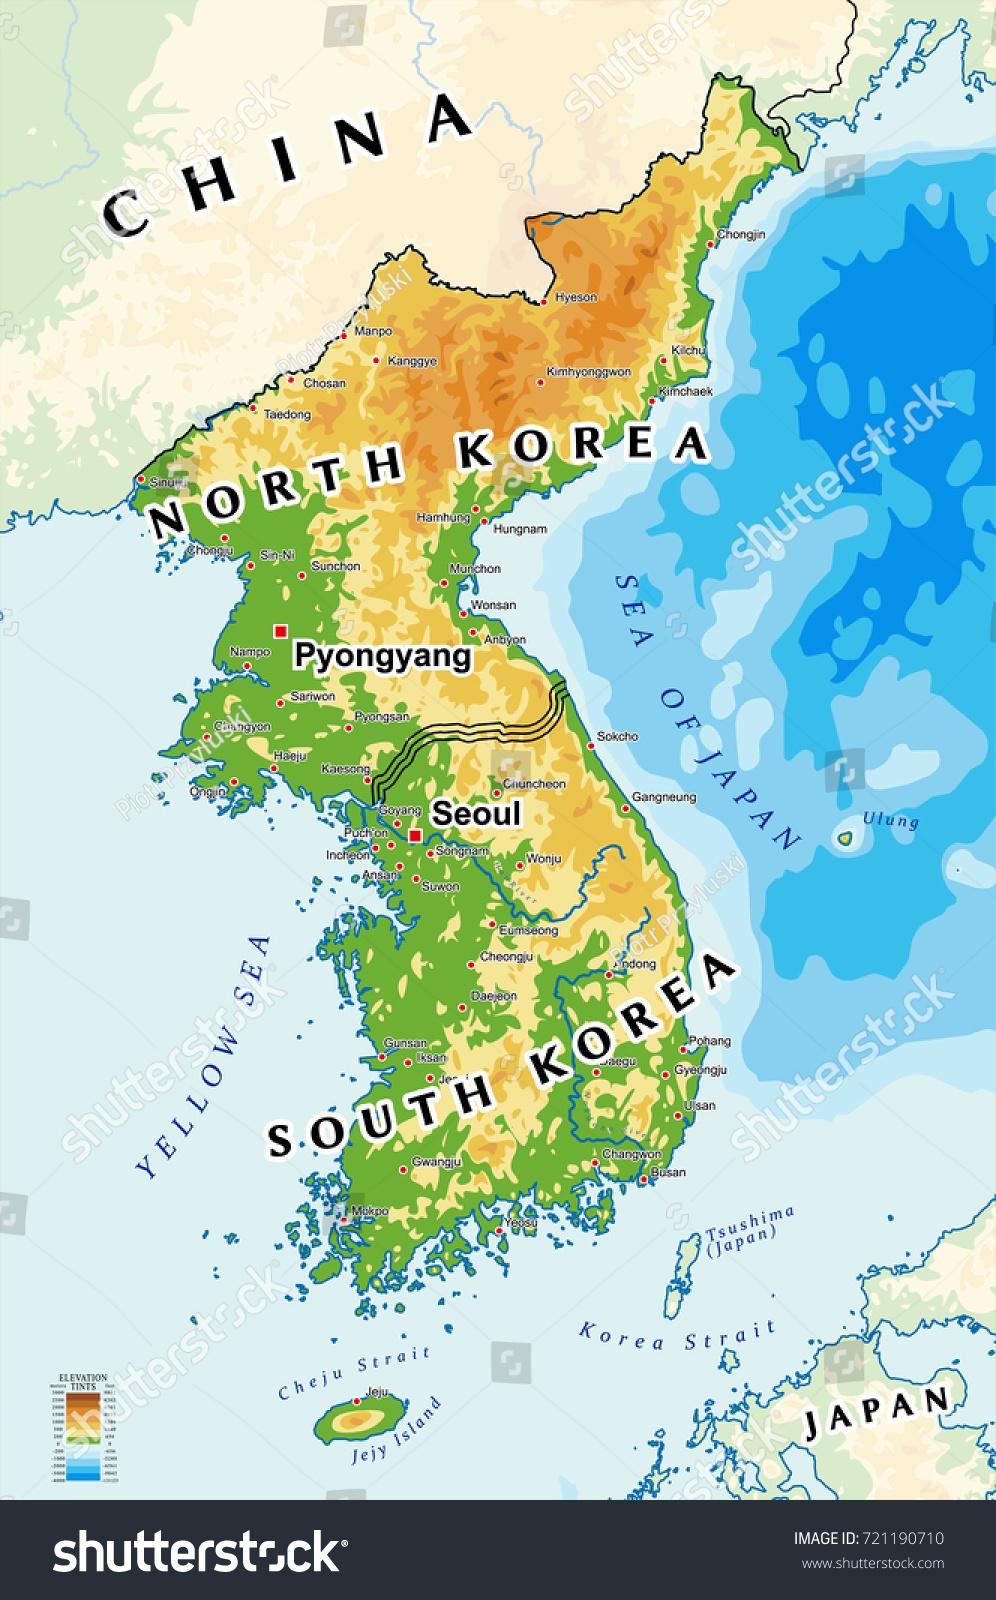 North korea south korea physical map vector de stock721190710 north korea and south korea physical map gumiabroncs Choice Image